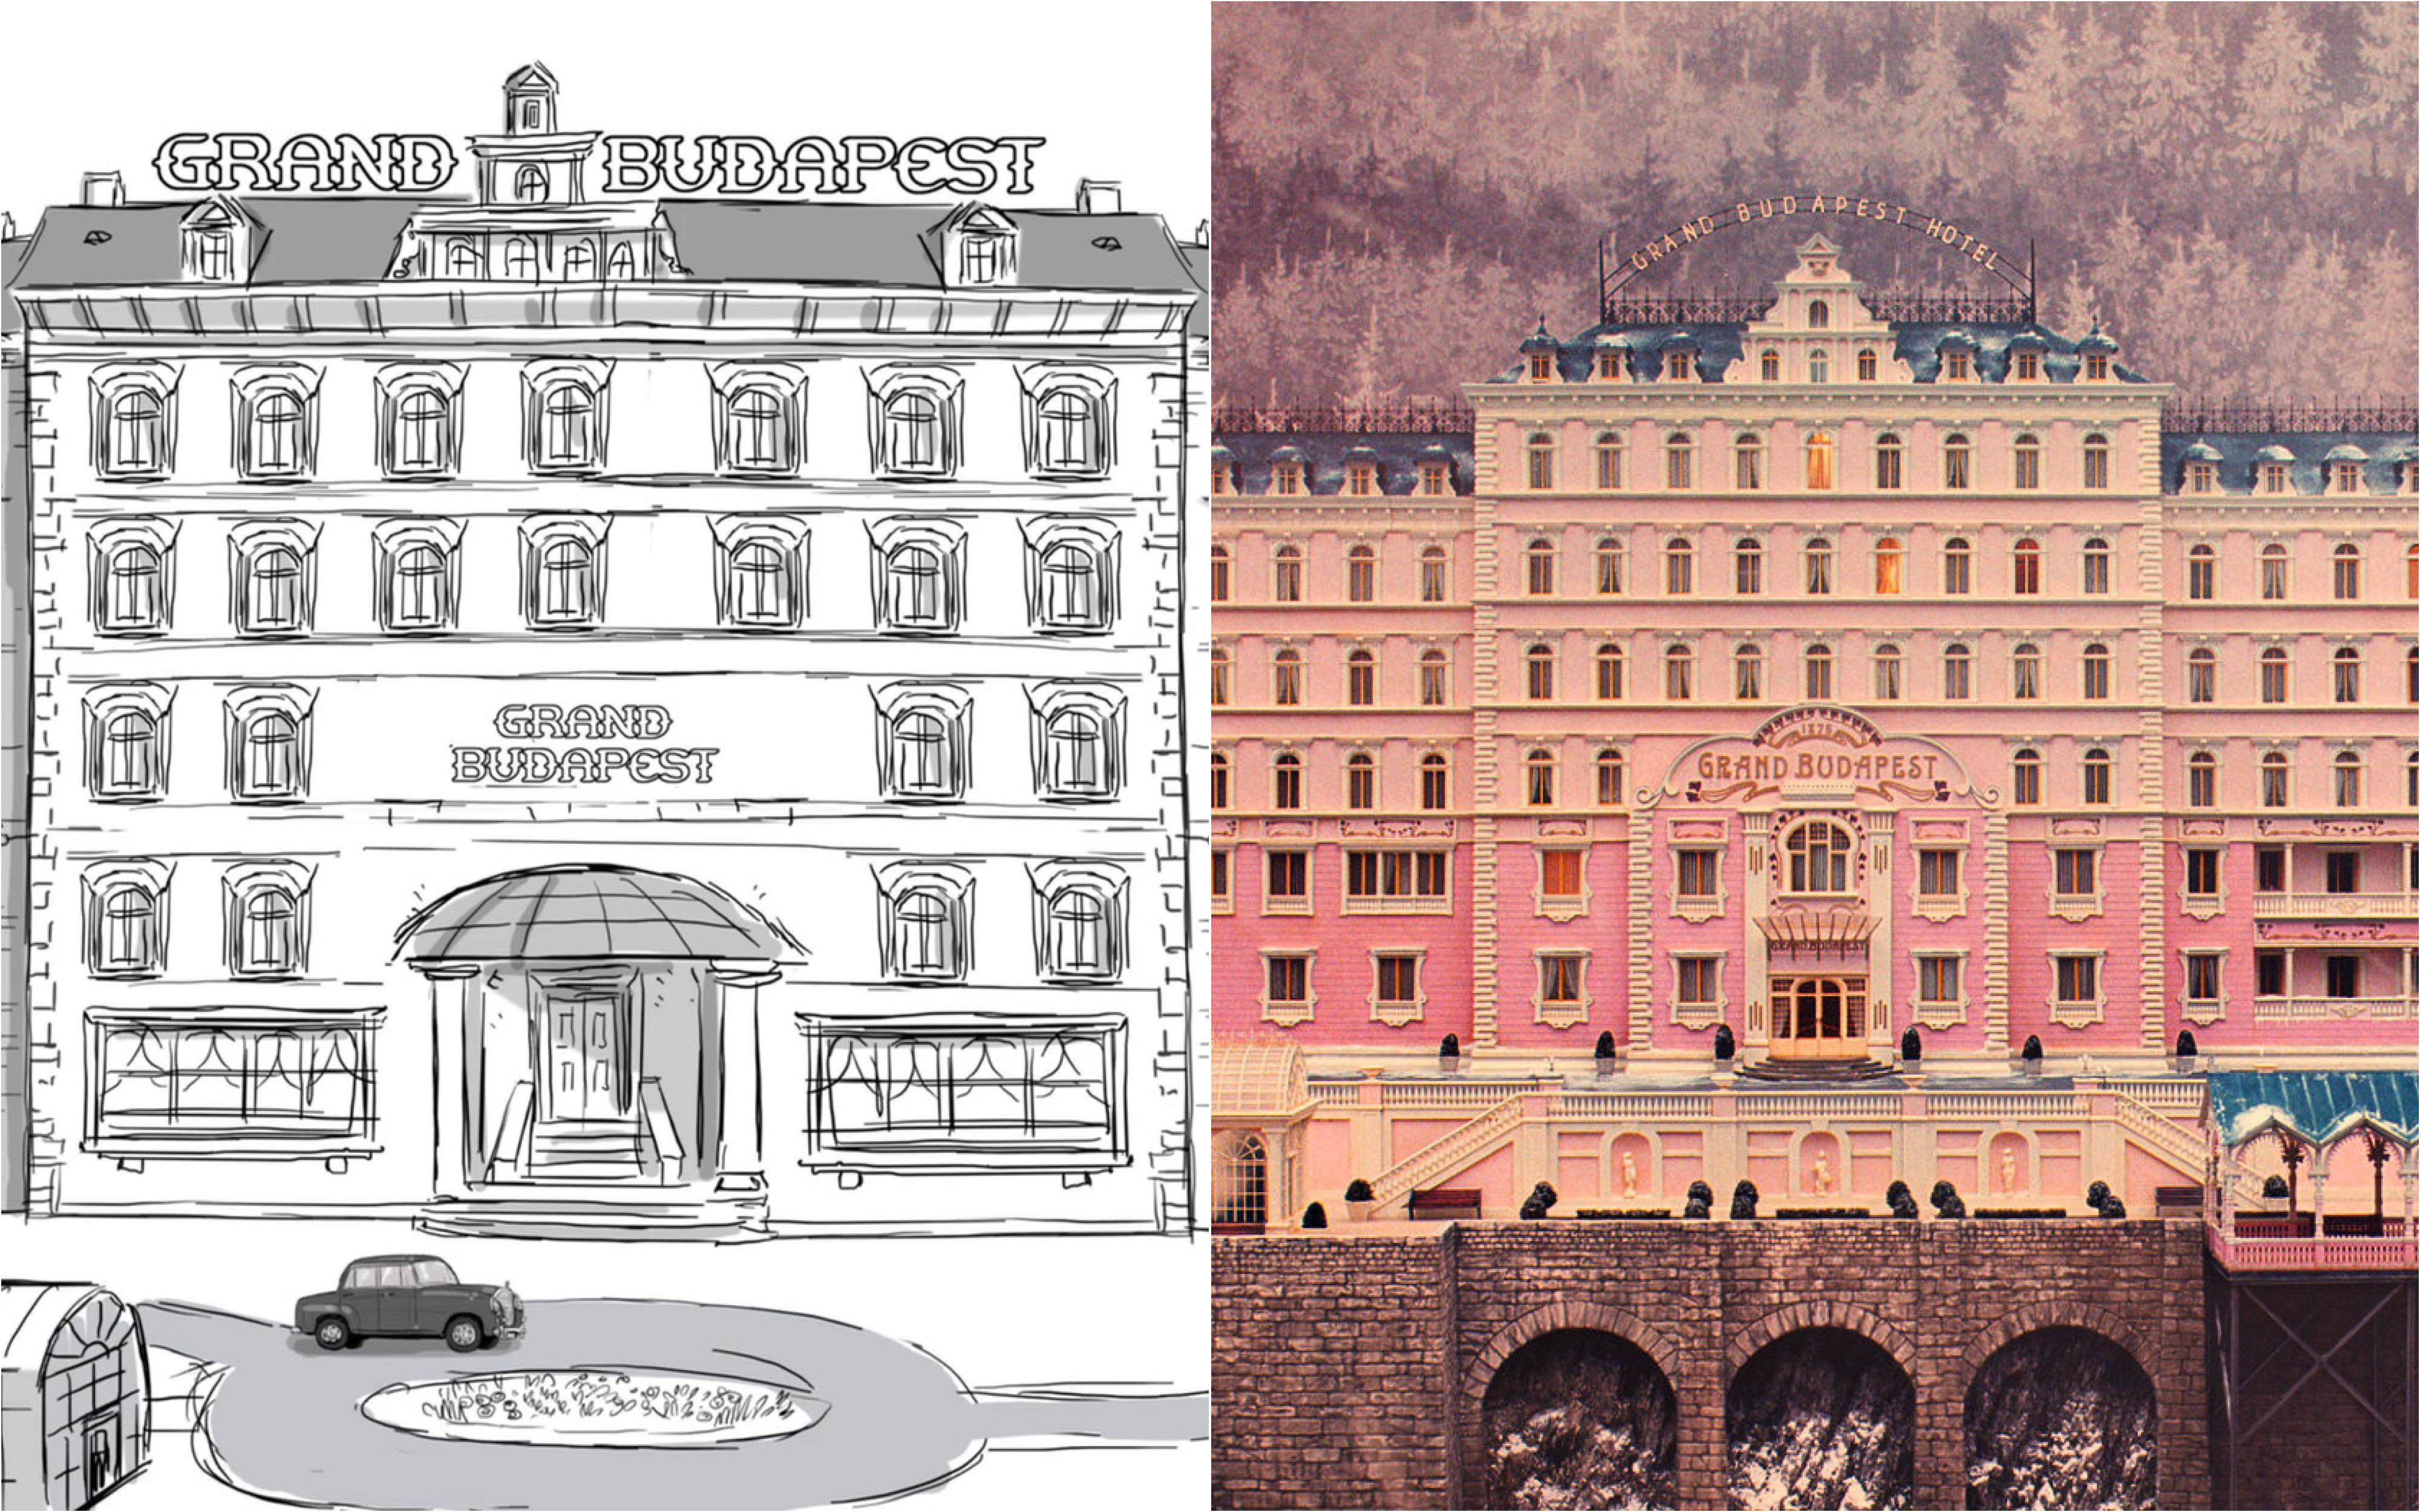 Wes Anderson narra el storyboard original de su película más aclamada, 'El Gran Hotel Budapest'